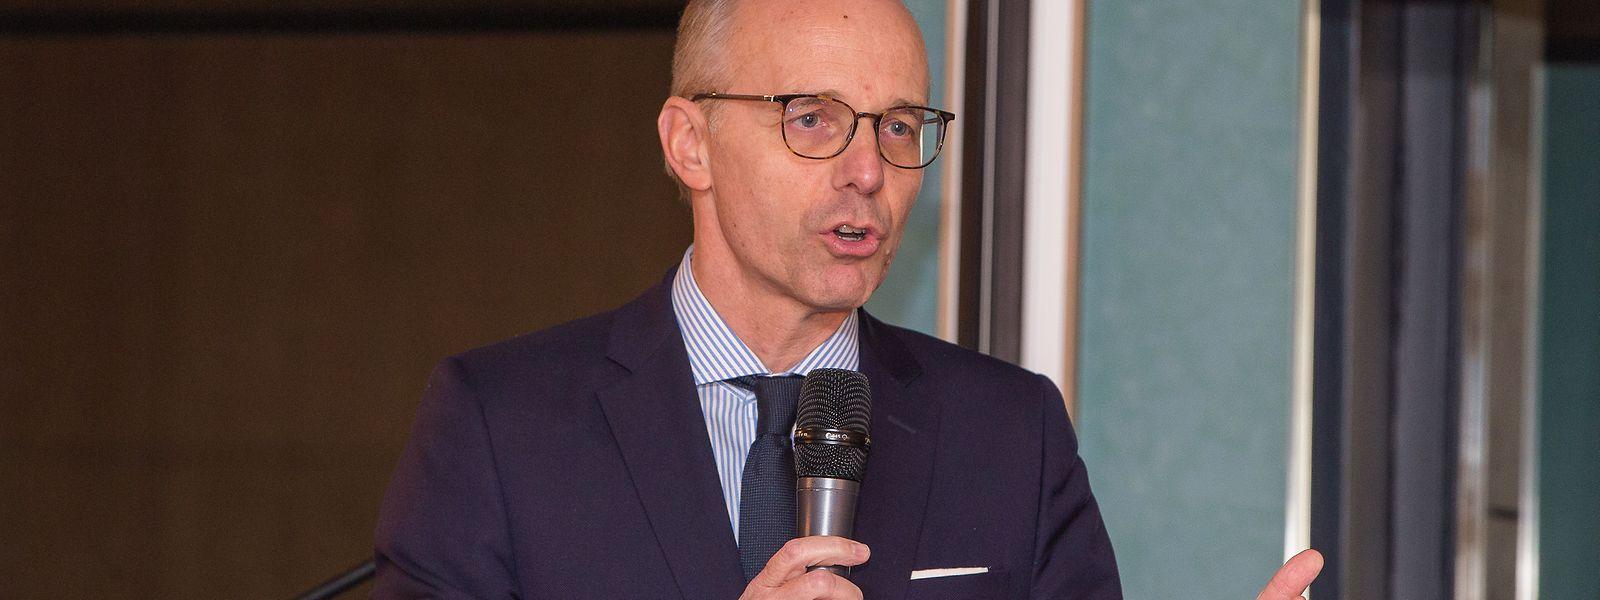 Luc Frieden hat sich 2014 aus der aktiven Politik zurückgezogen.